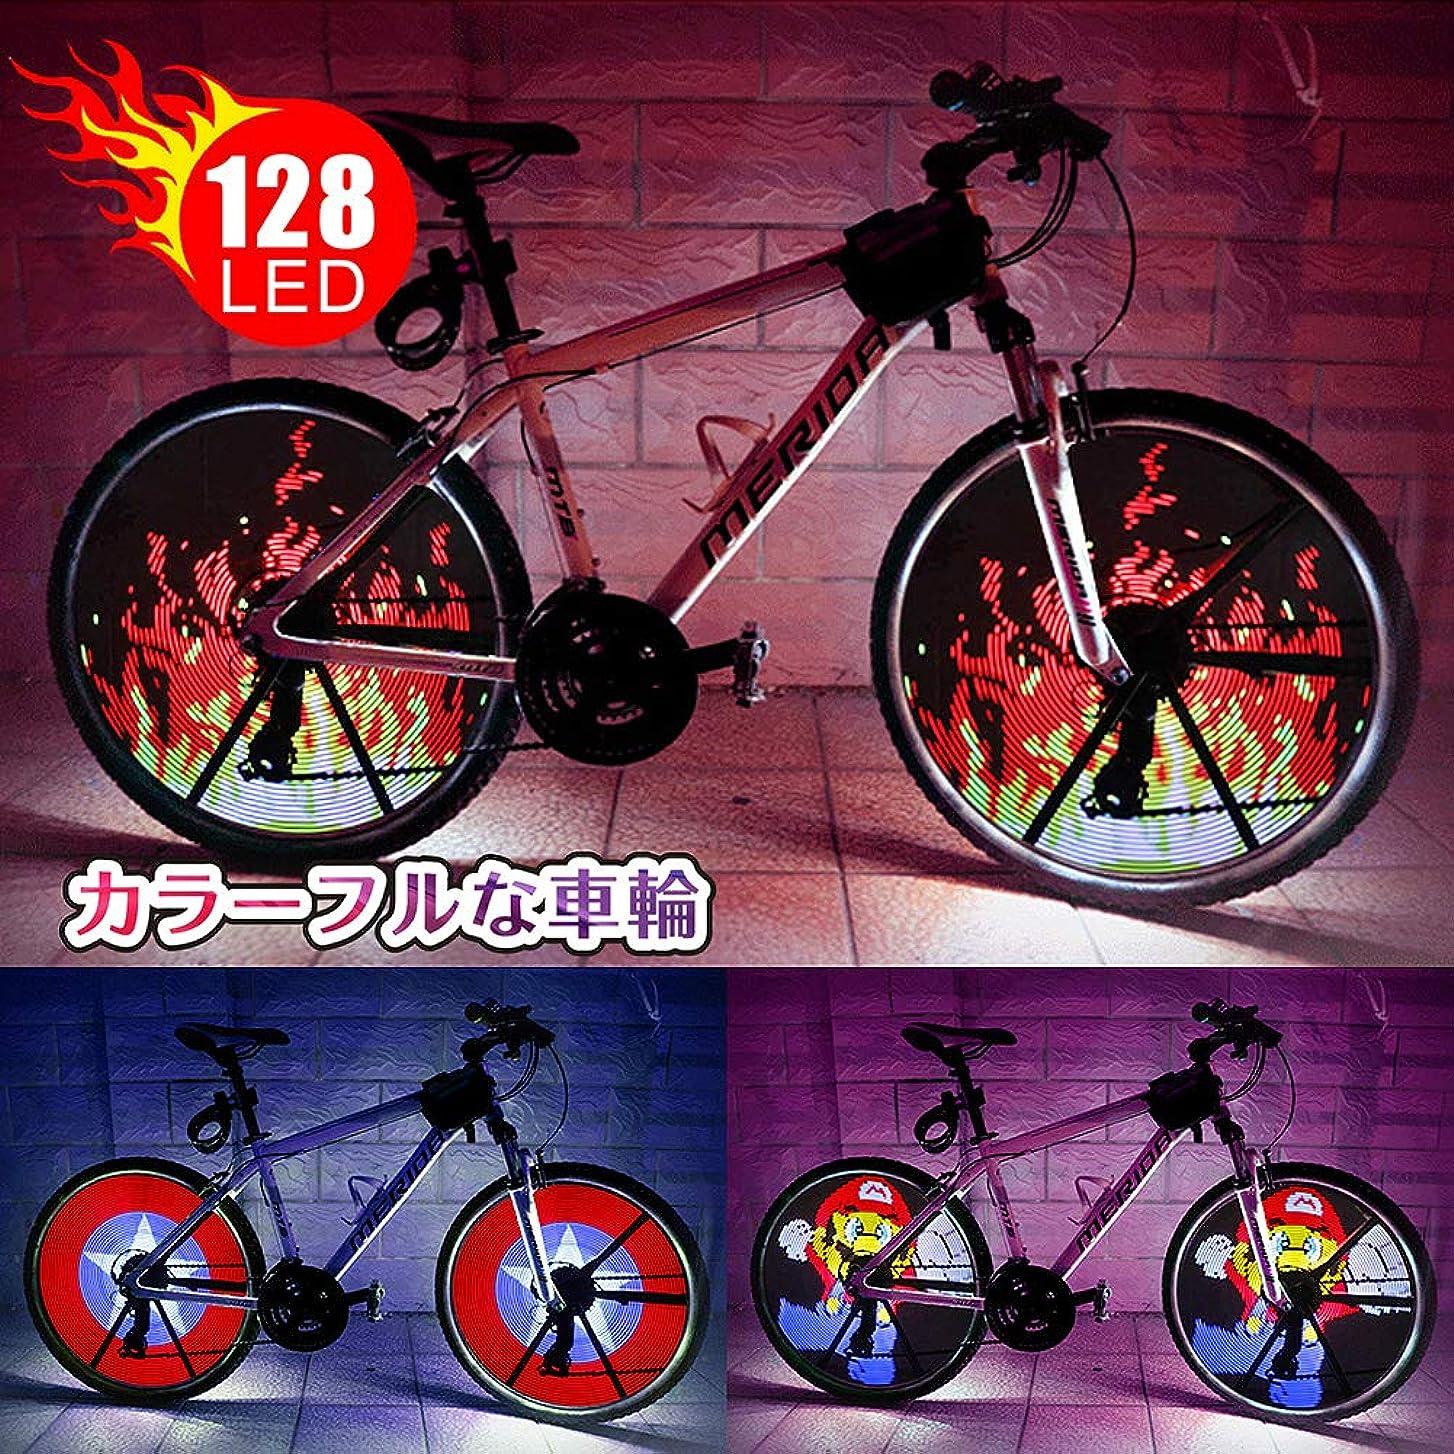 すり減る一過性ラベ自転車ホイールスポークLEDライト ホイールライト 自転車ダイヤライト 防水DIYプログラムディスク 風火輪電池カラータイヤ部品 子供と大人 66センチ自転車ホイールLEDランプ